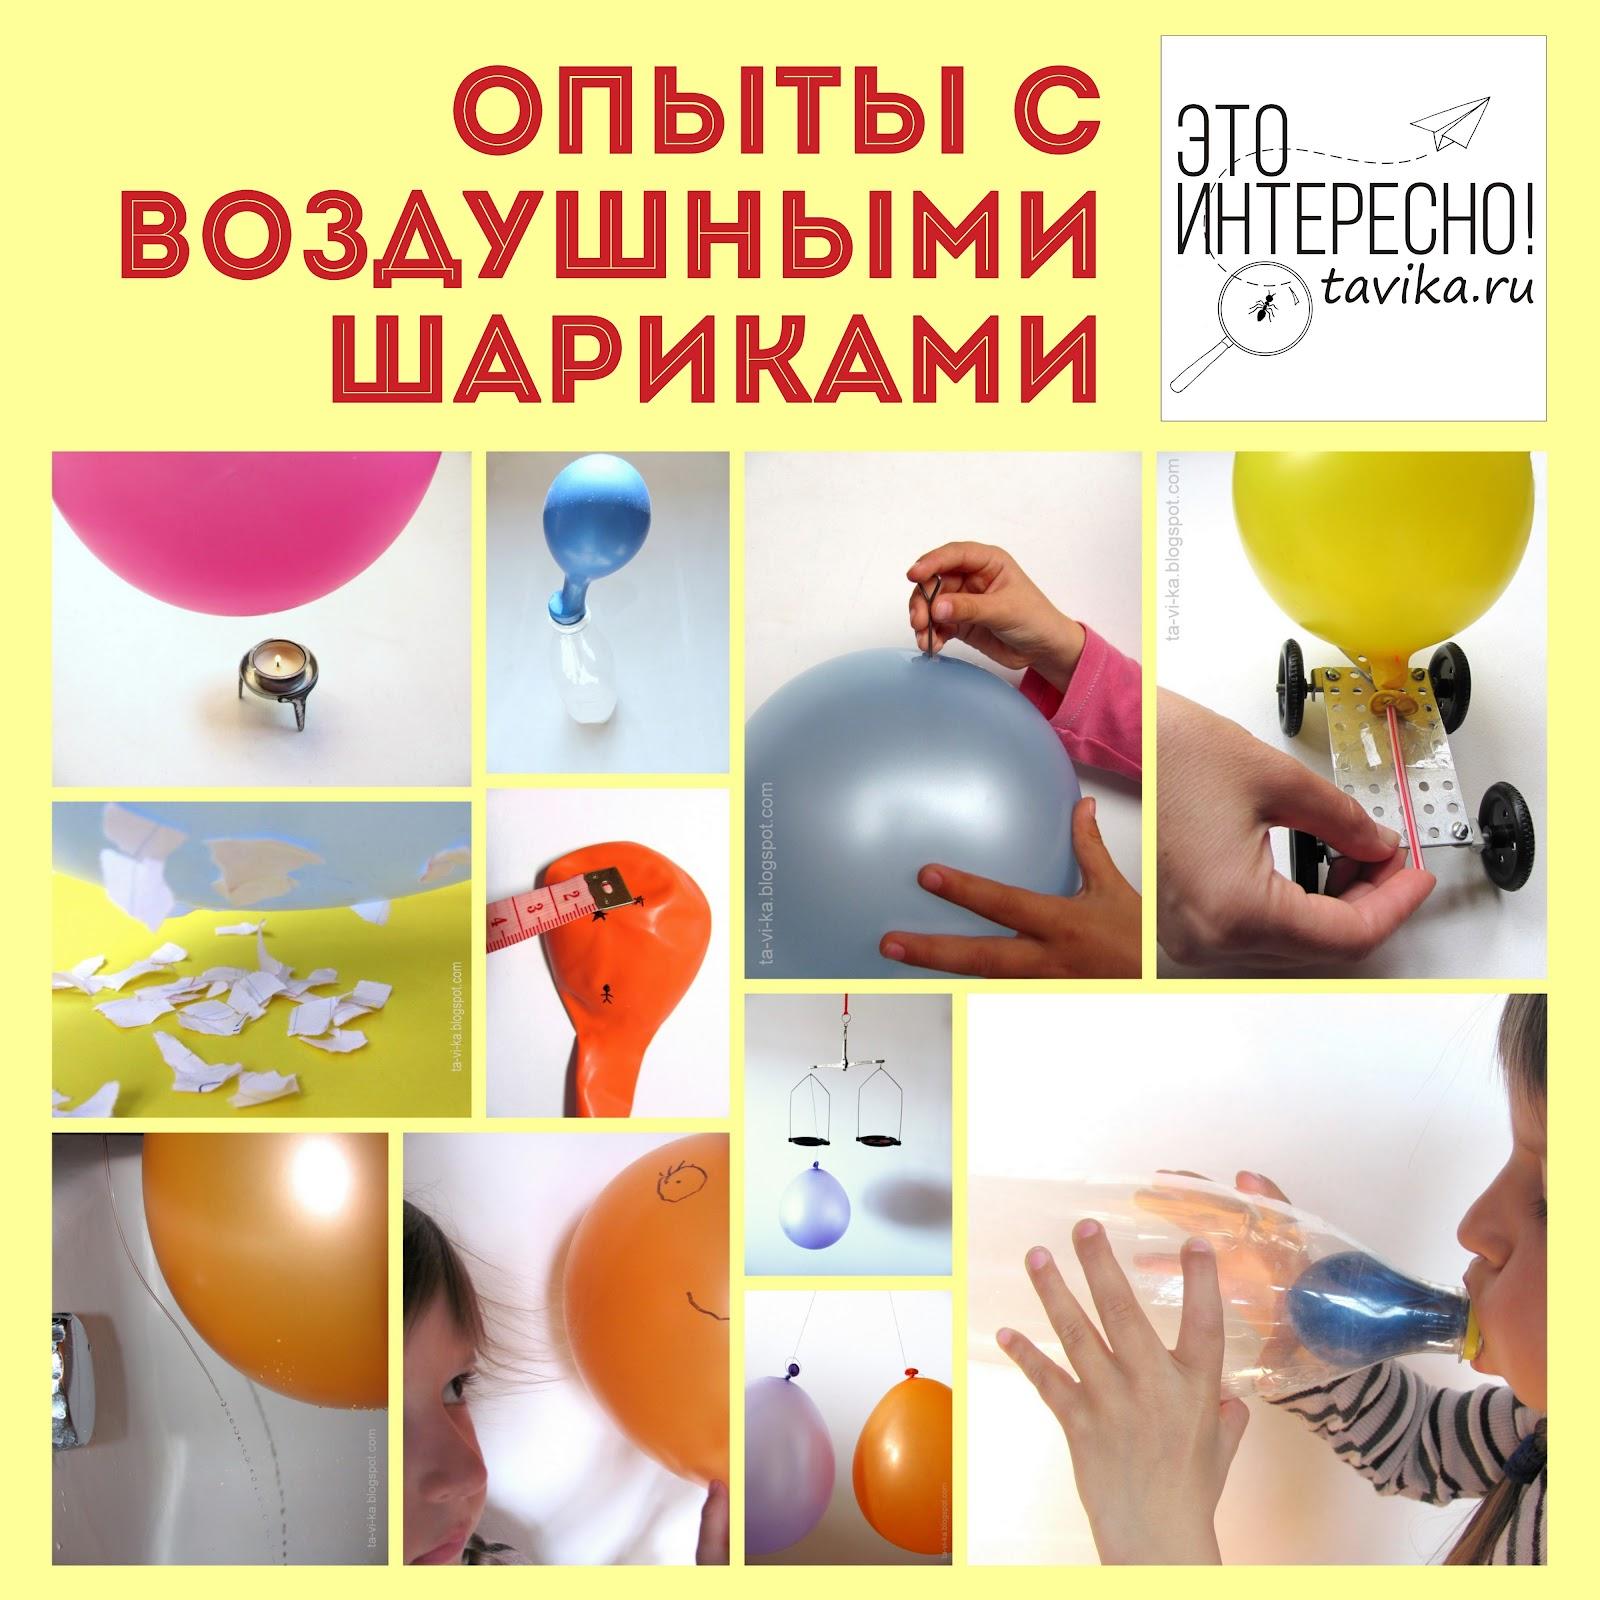 какие приколы можно сделать с шариком